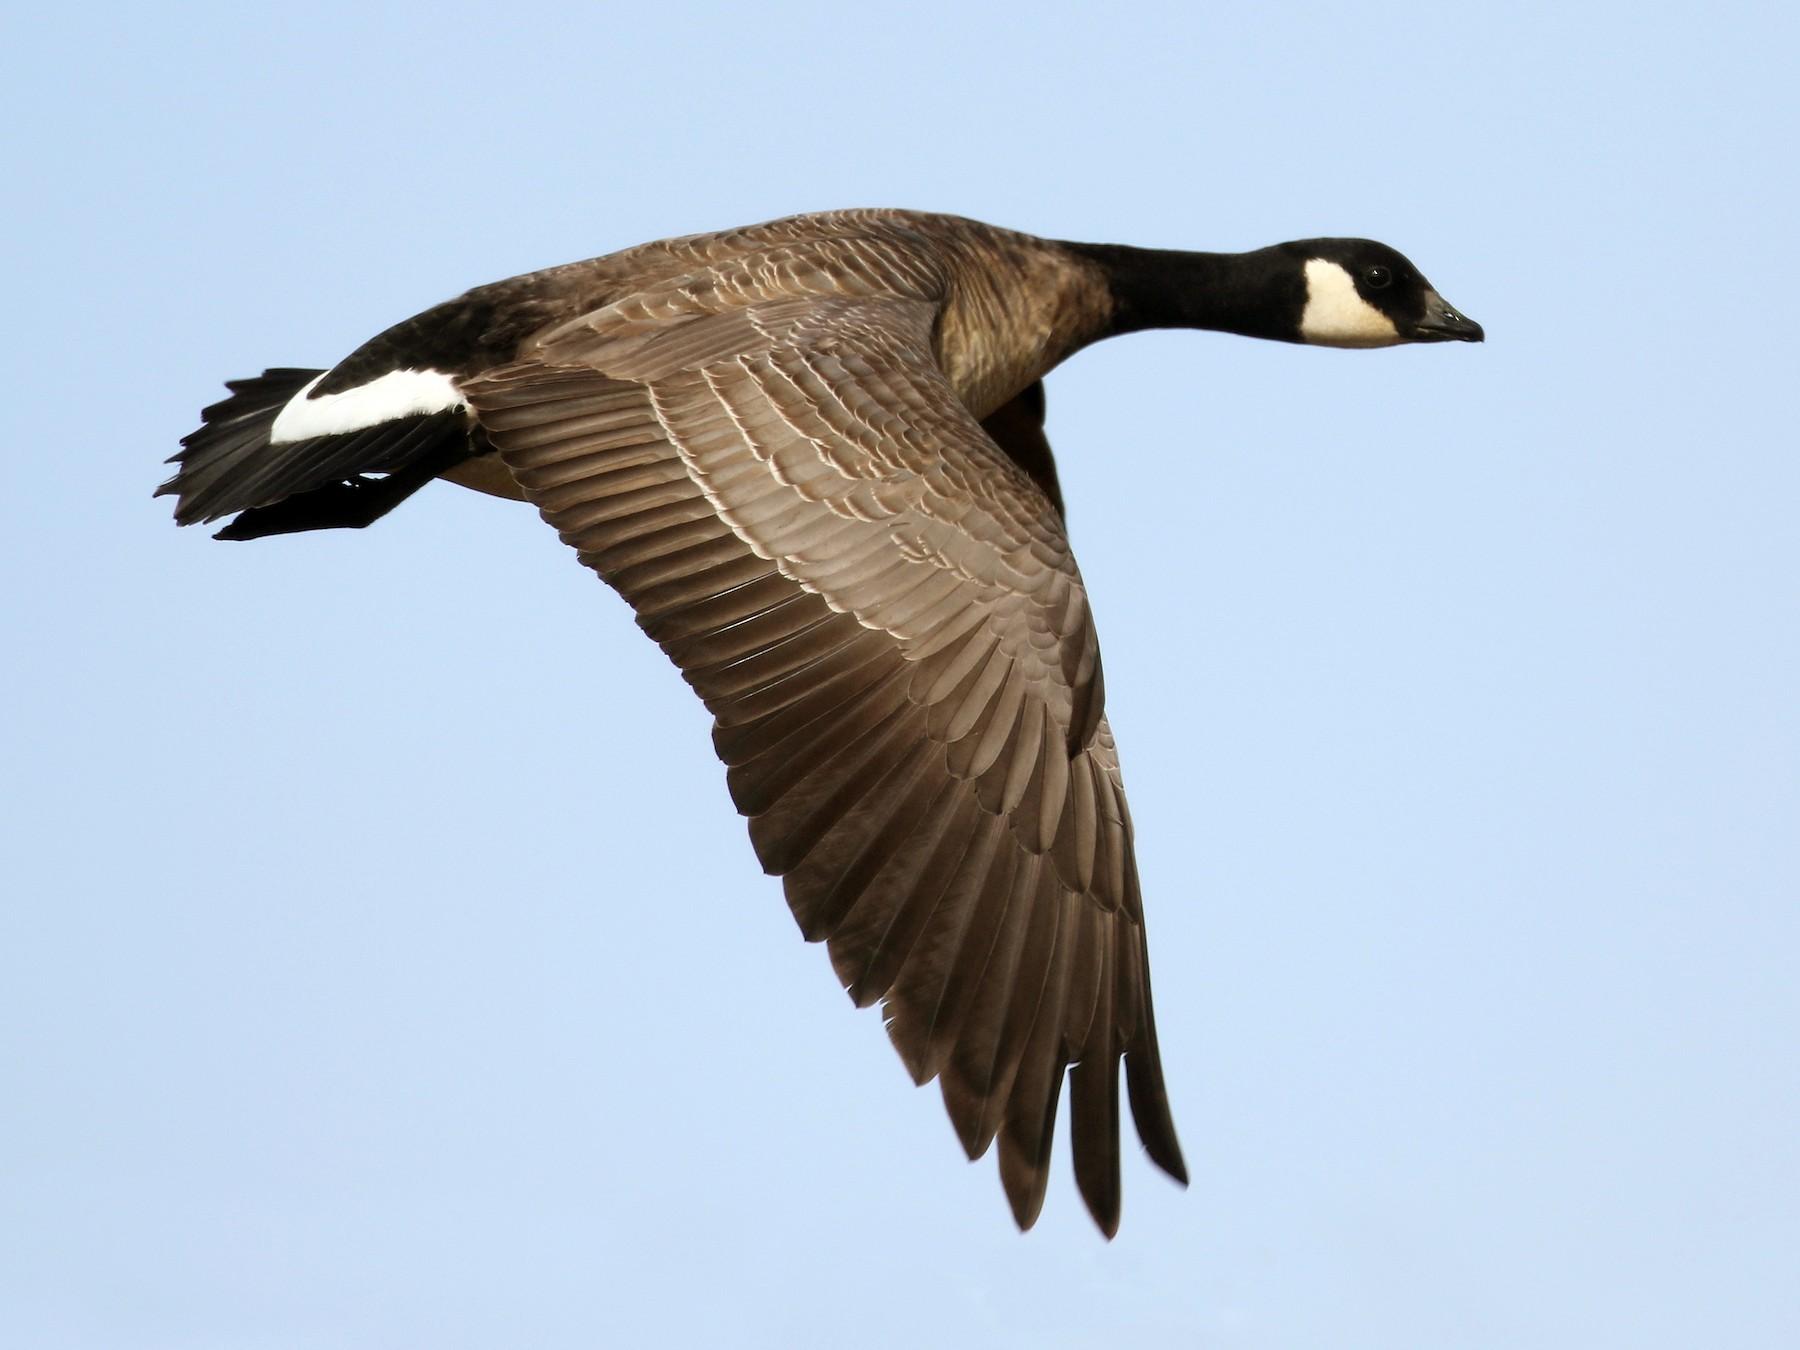 Cackling Goose - Cameron Eckert